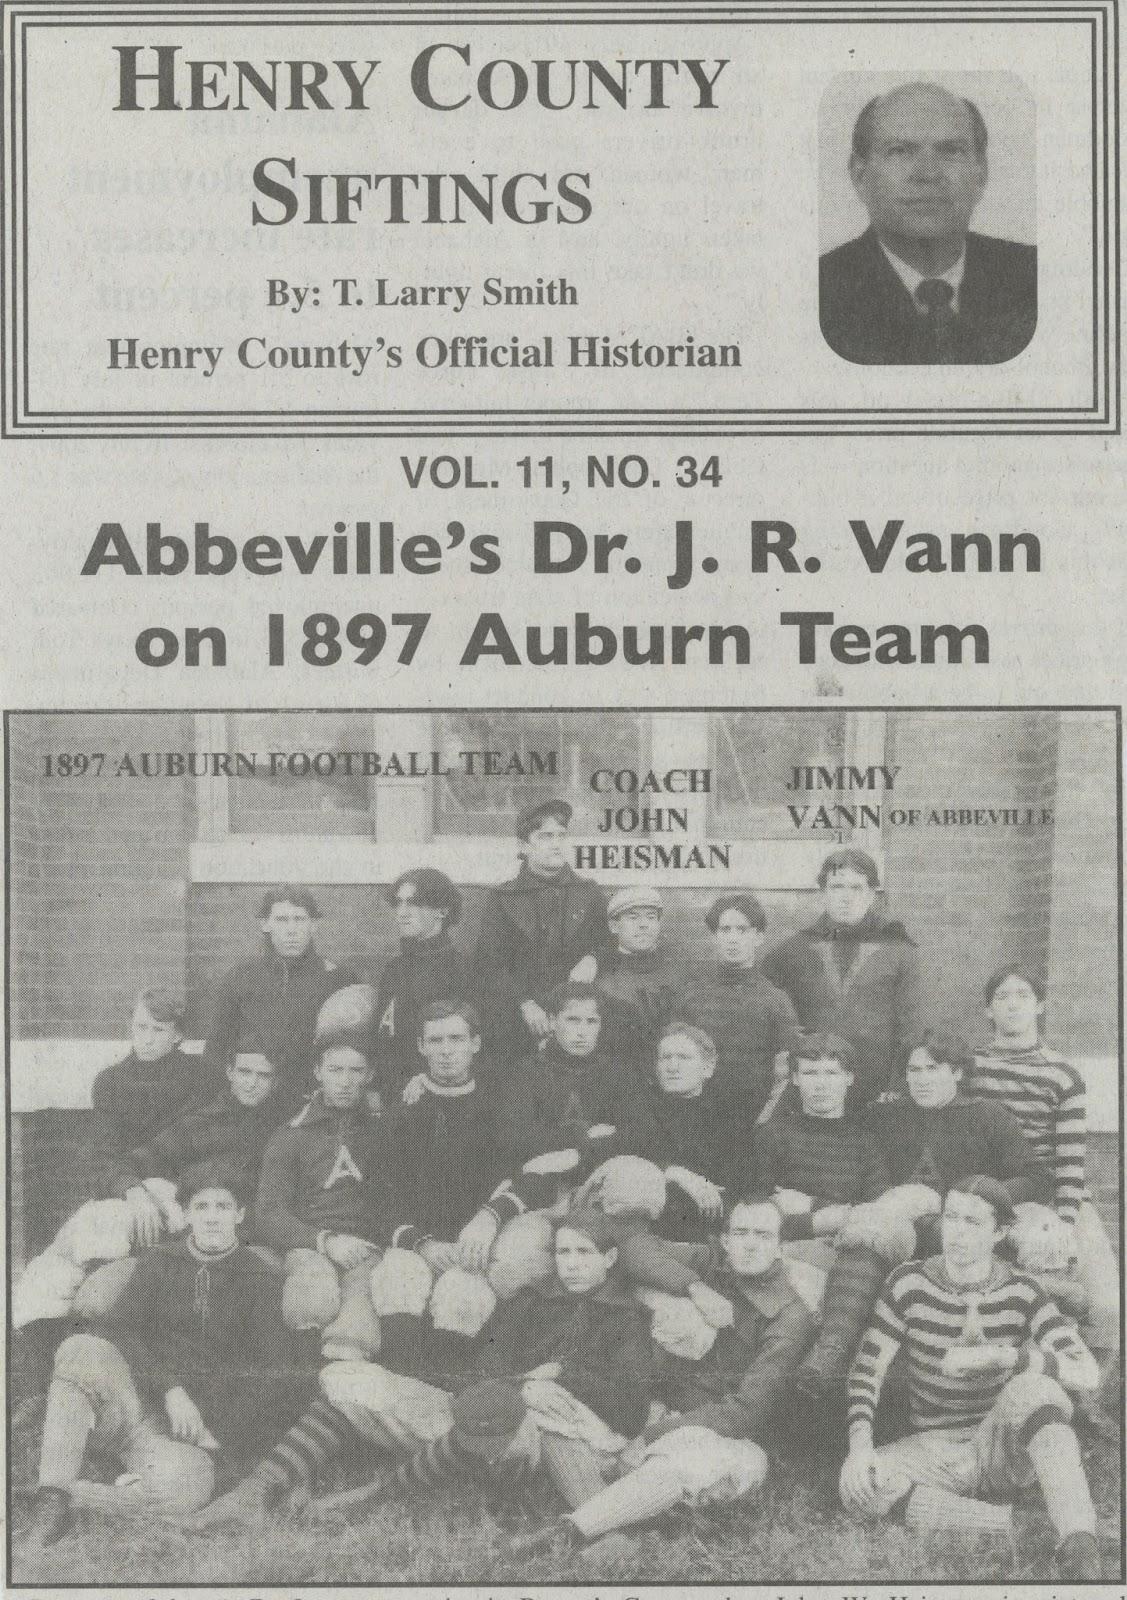 Jimmy Vann, an Auburn Tiger